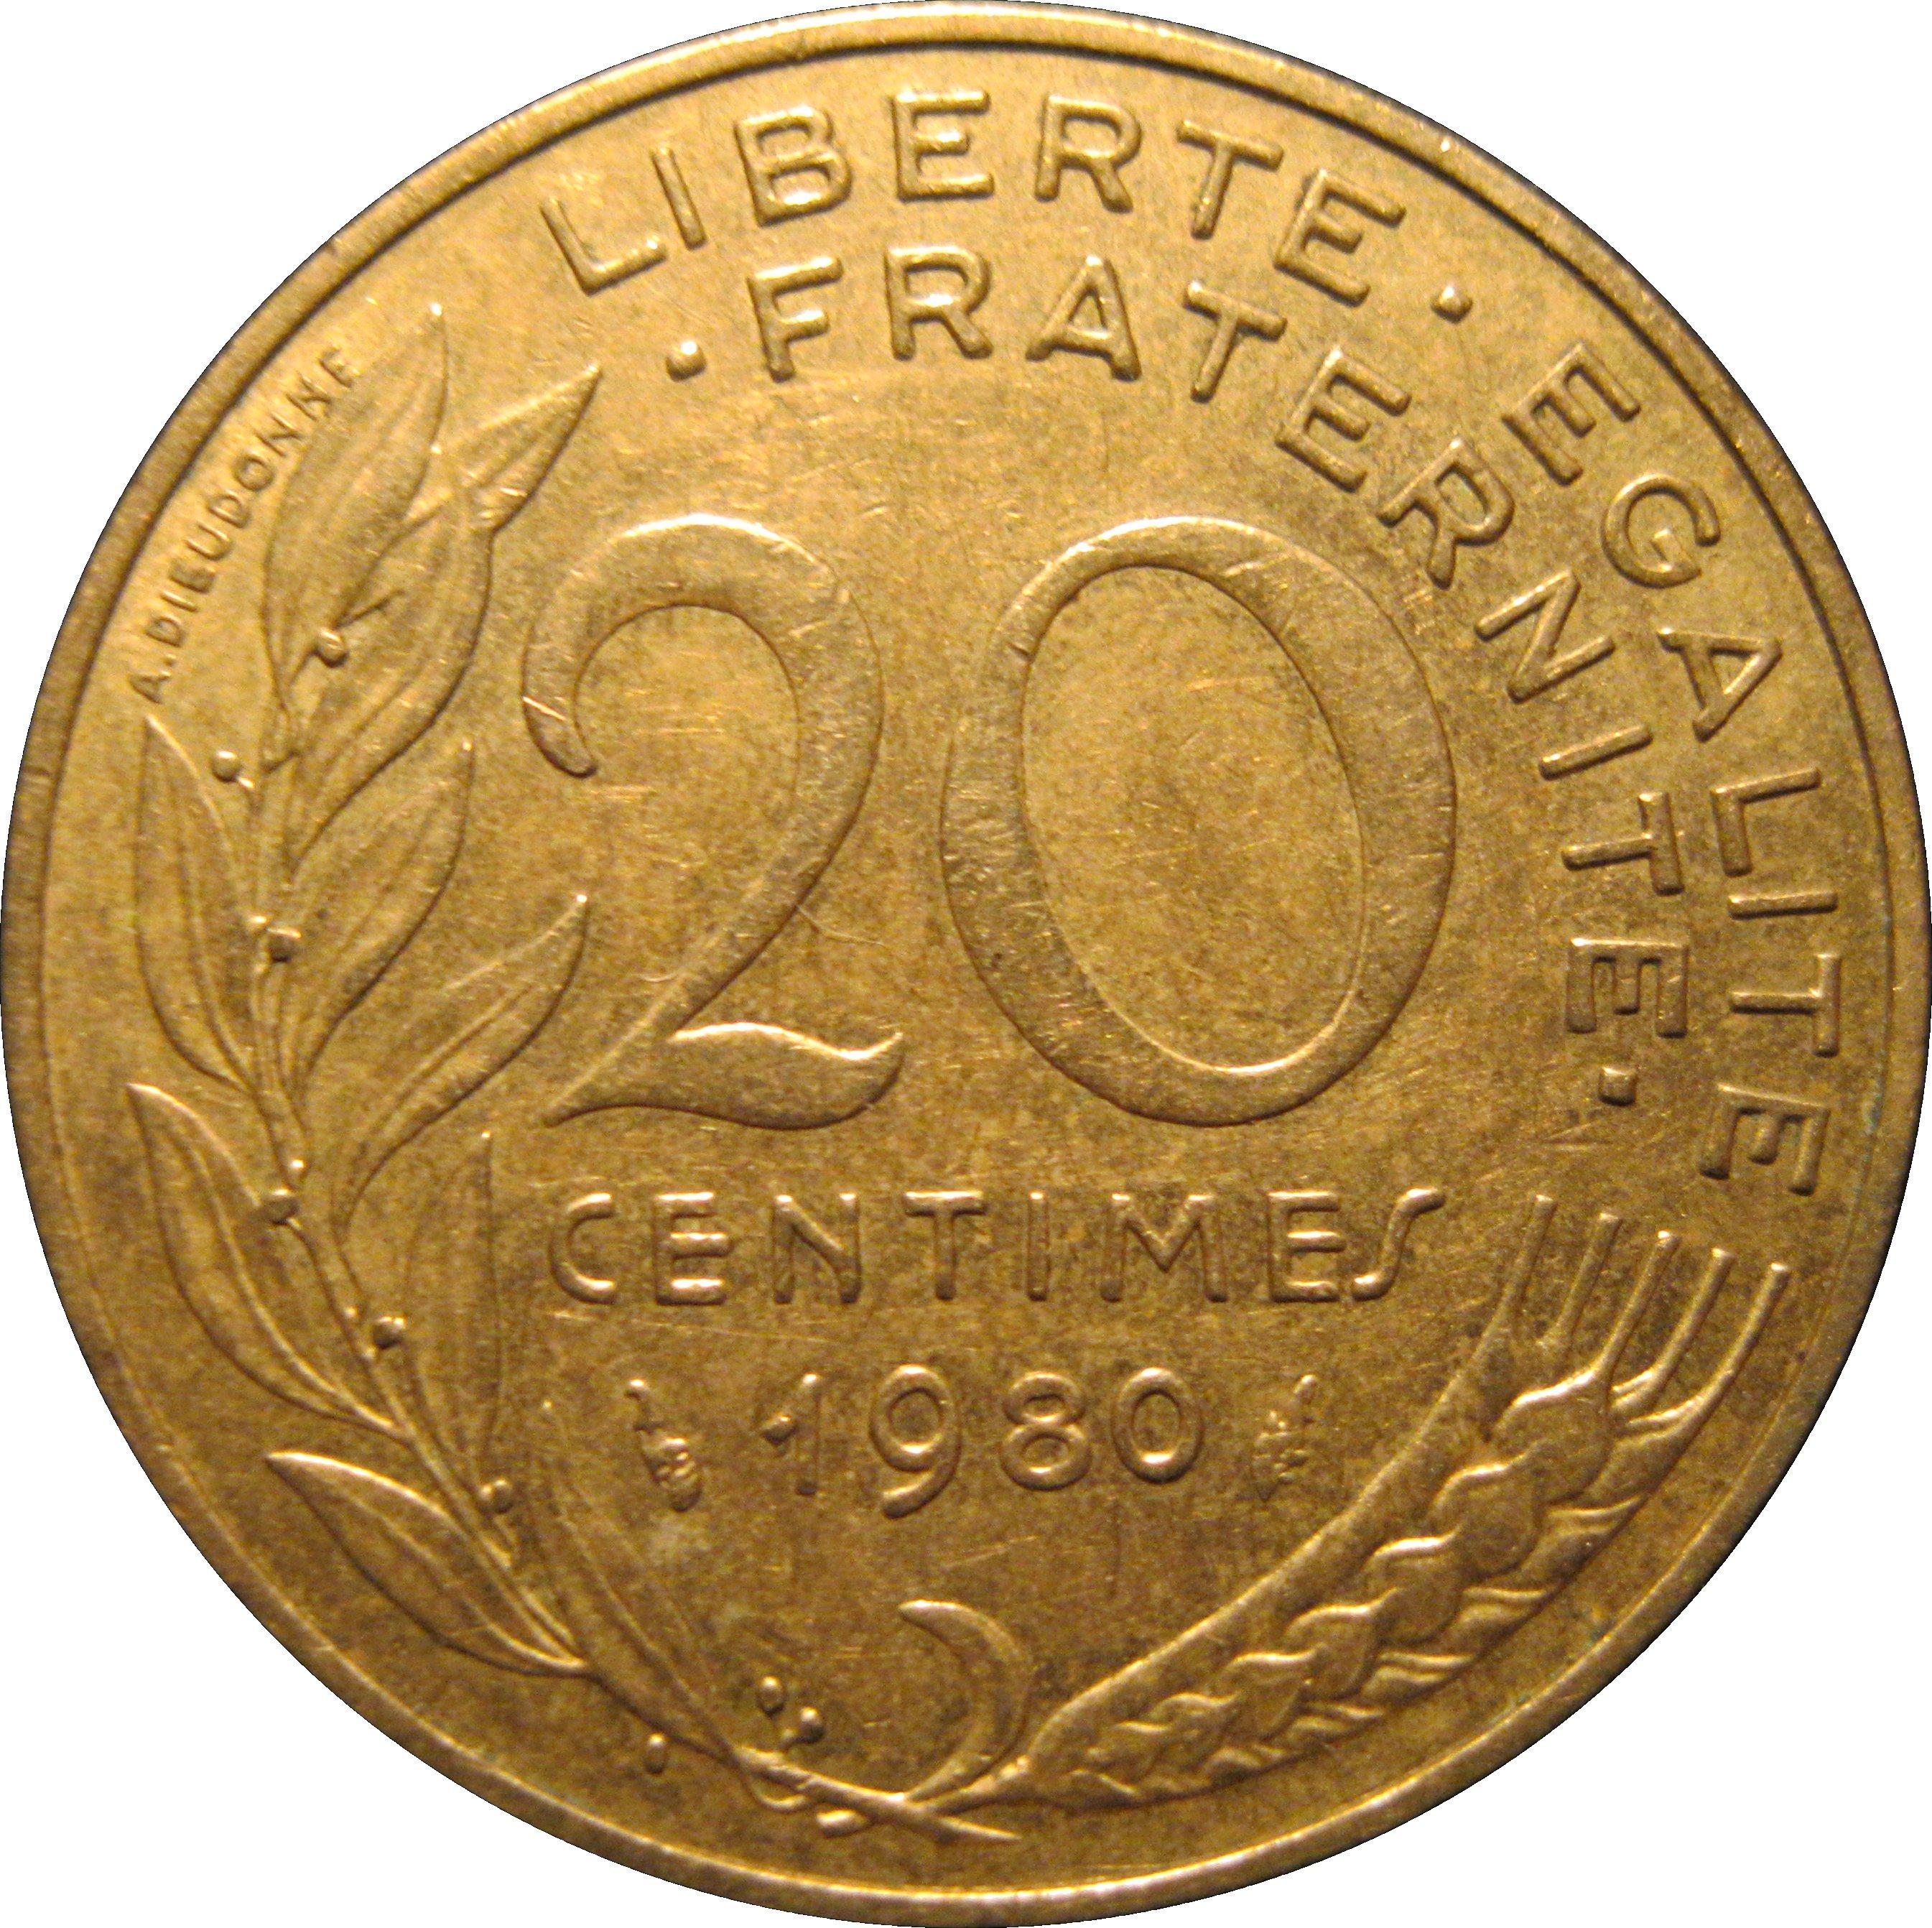 Moedas De Todo O Mundo Coins From Around The World Moedas De Fran 199 A French Coins